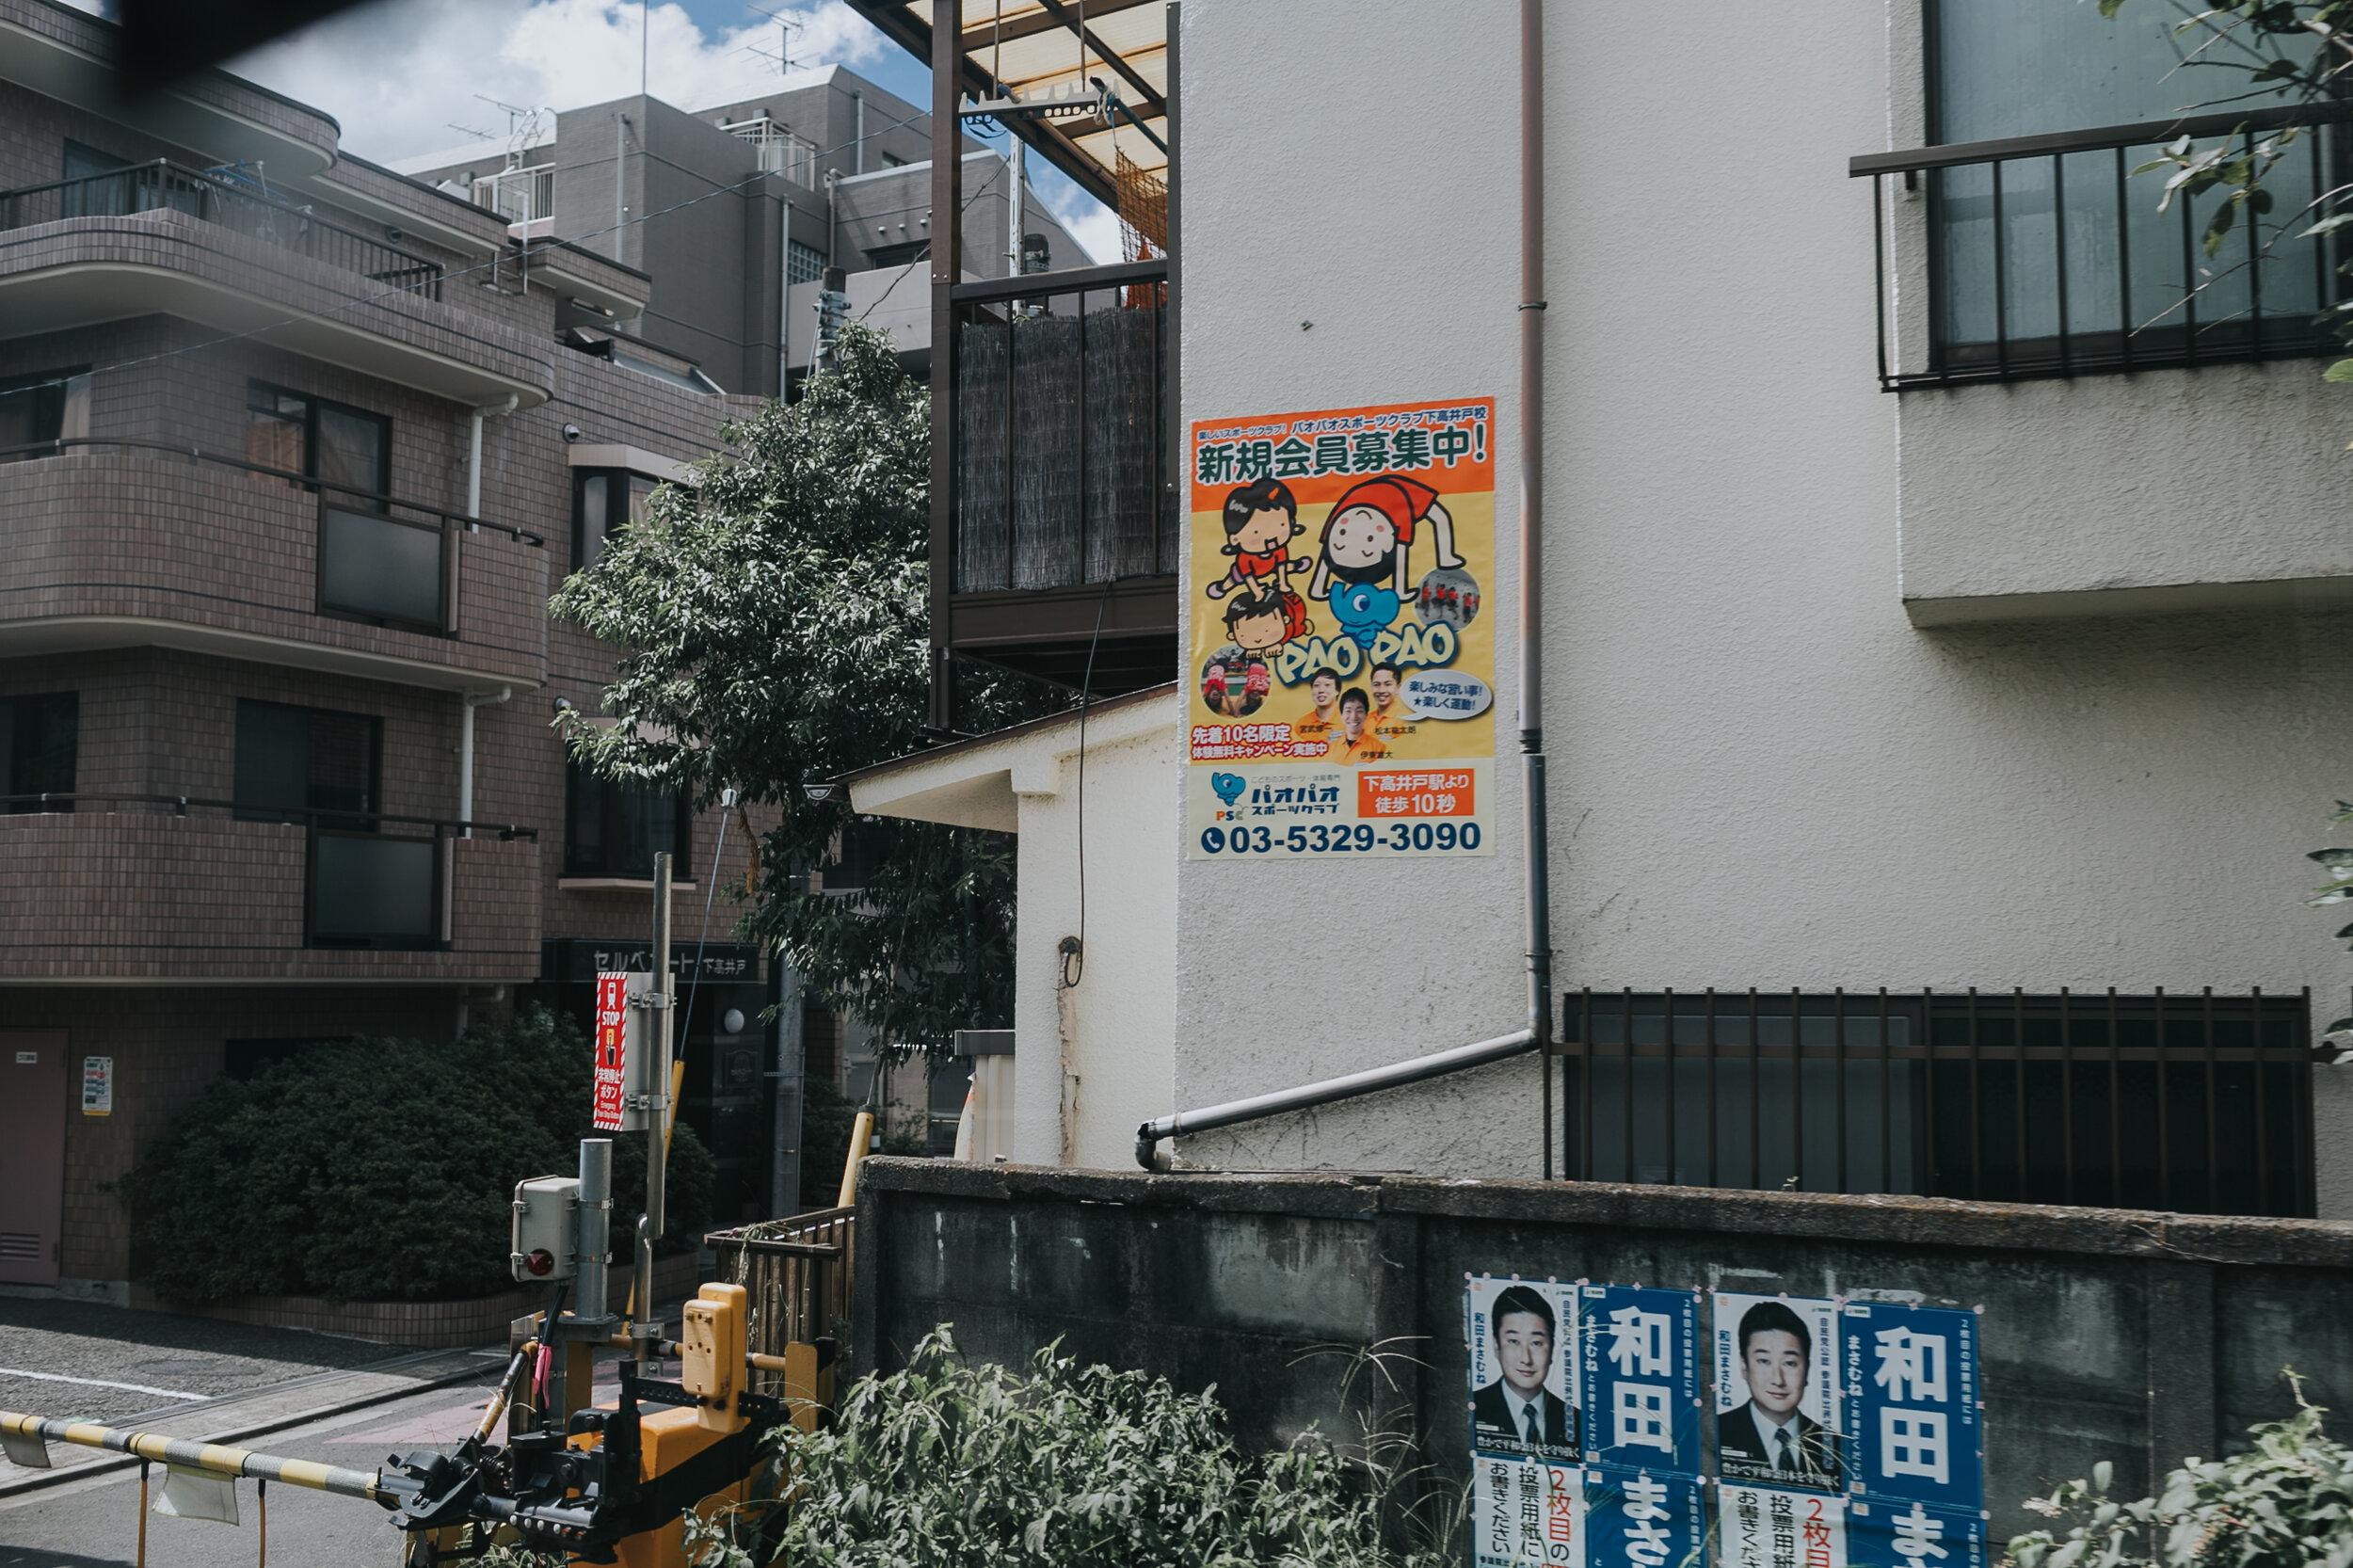 tokyo sept 2019-41.jpg